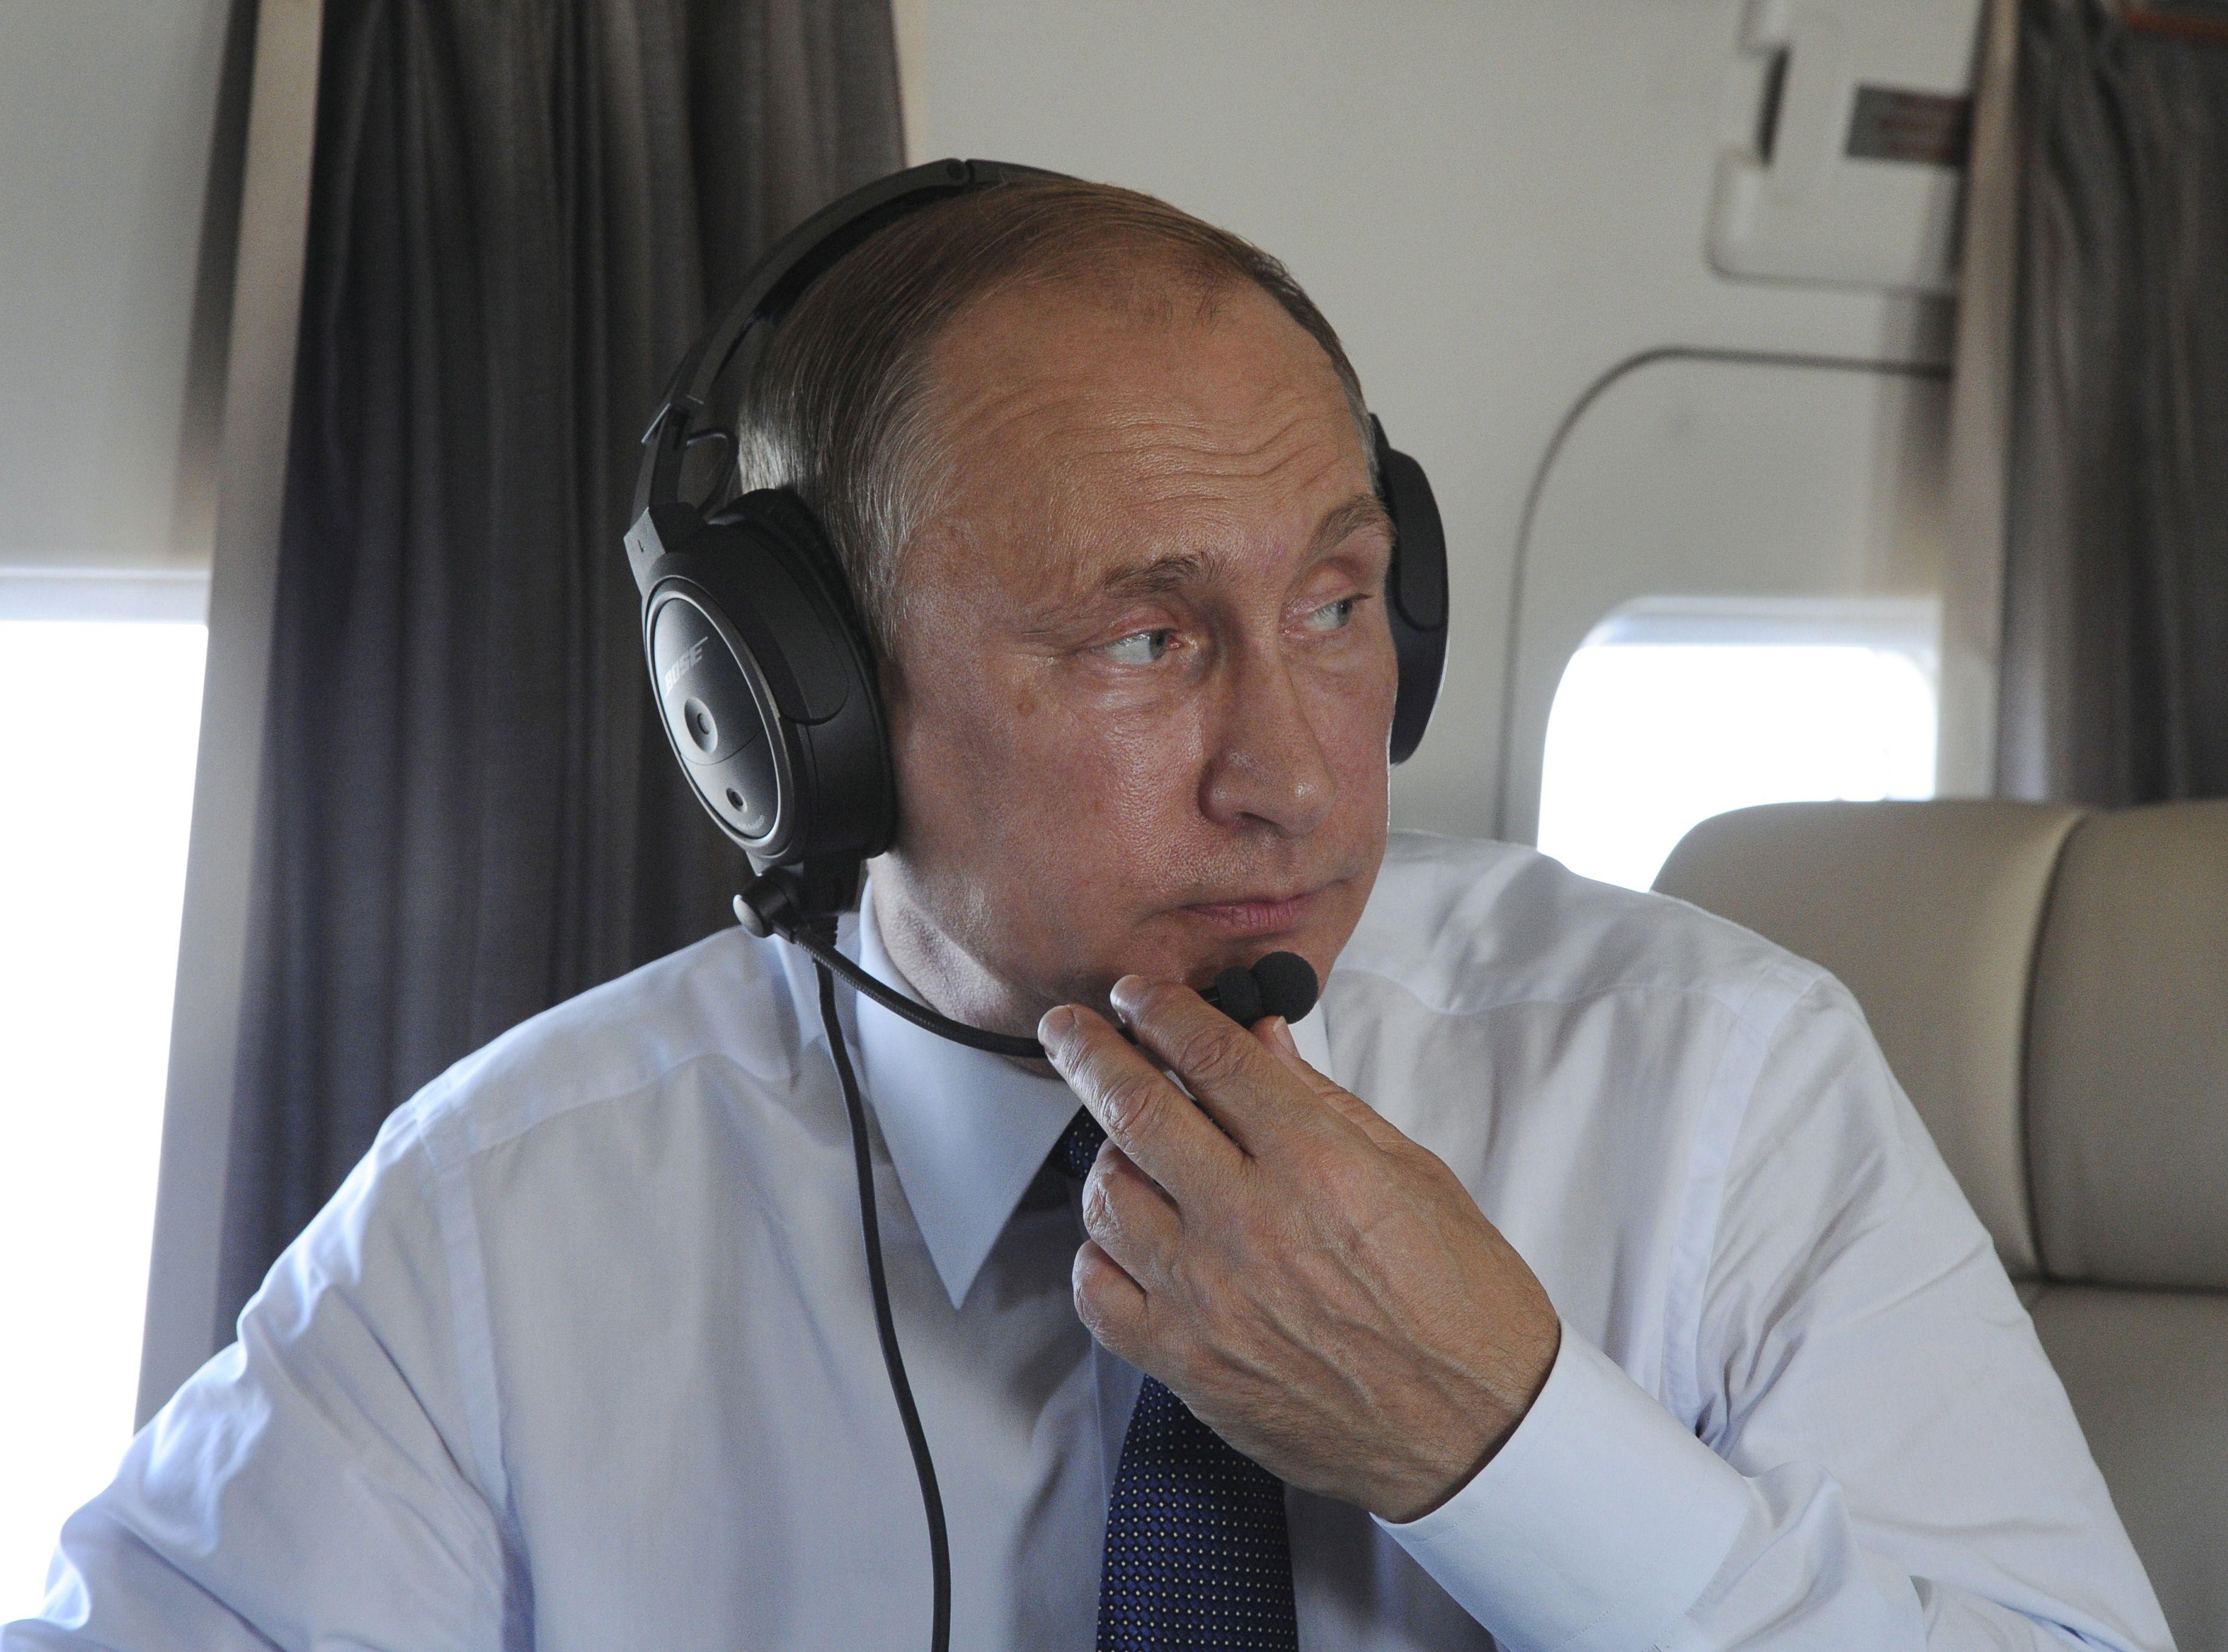 Meurtre au polonium 210 : pourquoi l'implication de Poutine dans l'assassinat d'Alexandre Litvinenko reste de l'ordre de la spéculation